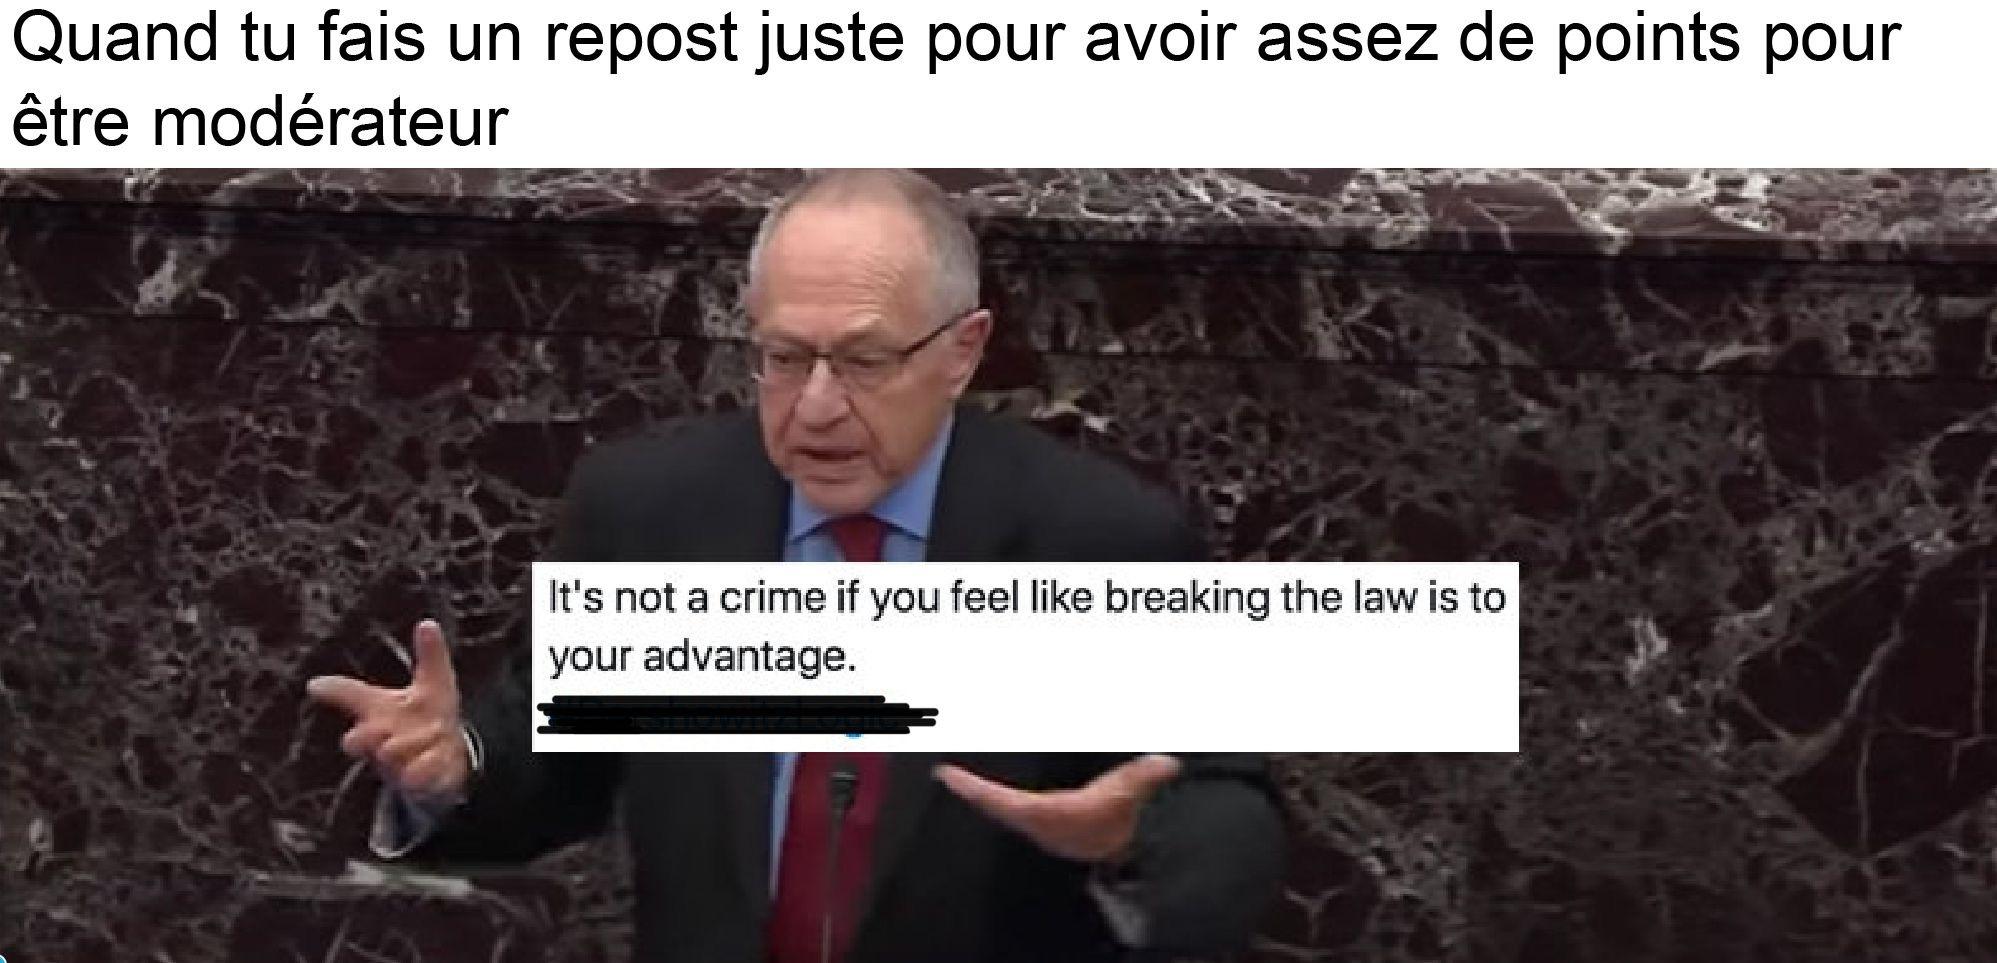 Ce meme est pas un repost en vrai